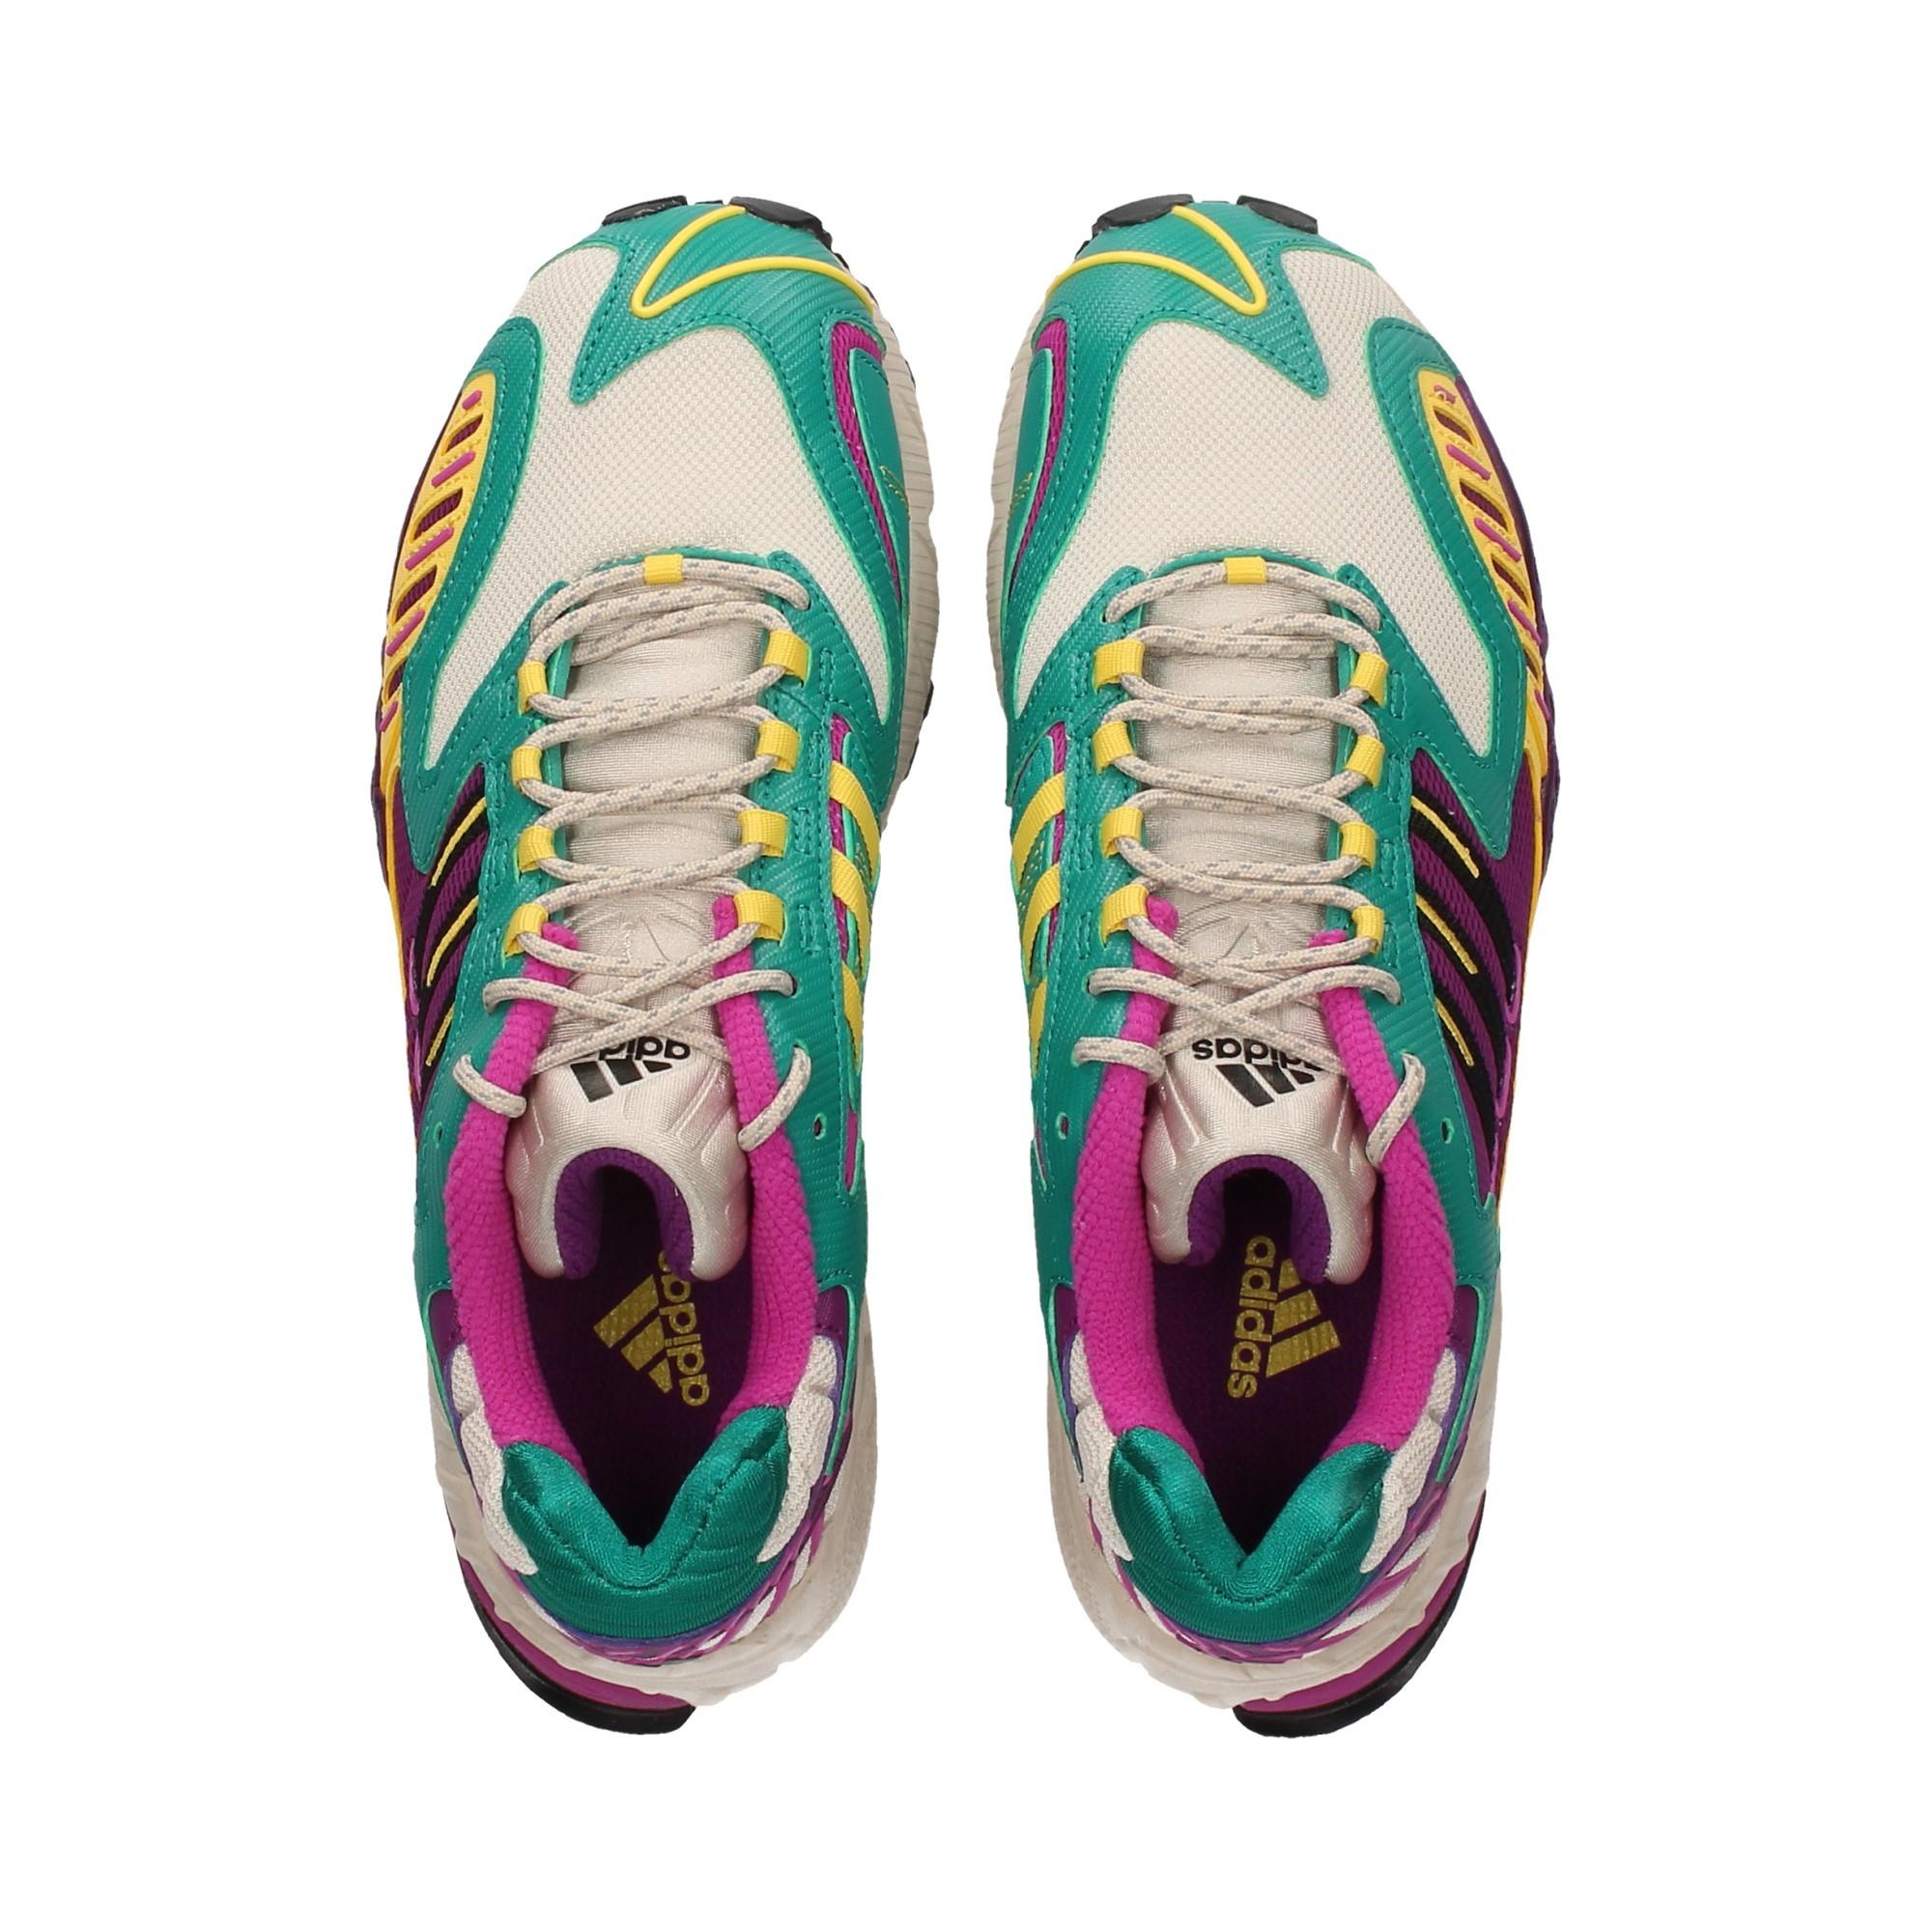 deportivo-malla-multicolor